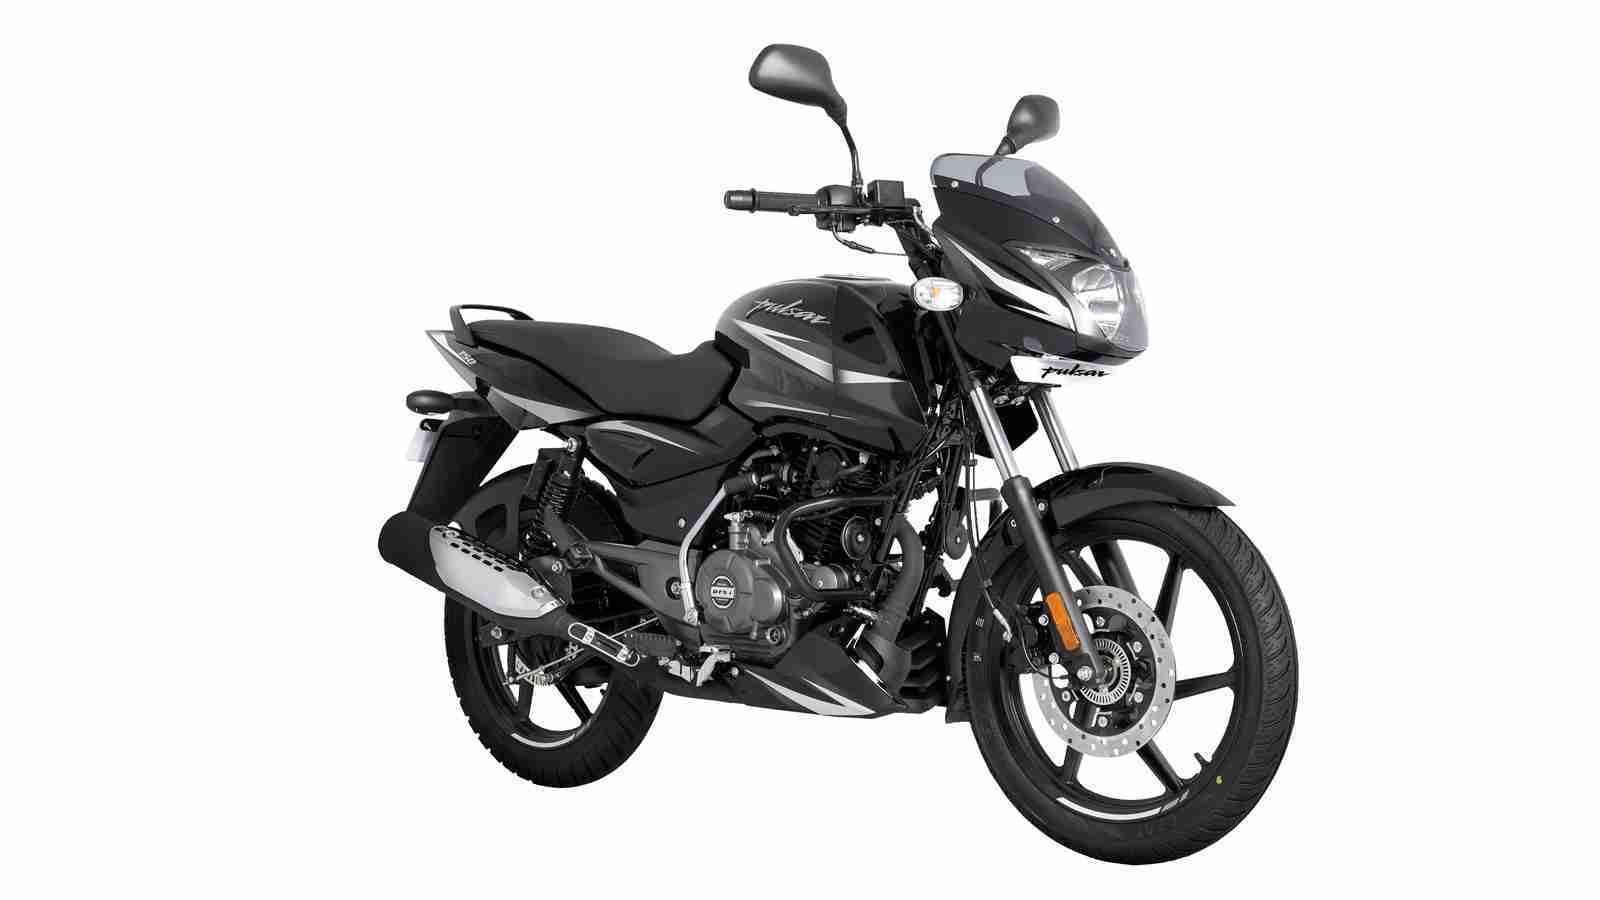 BS6 Pulsar 150 Black Chrome colour option